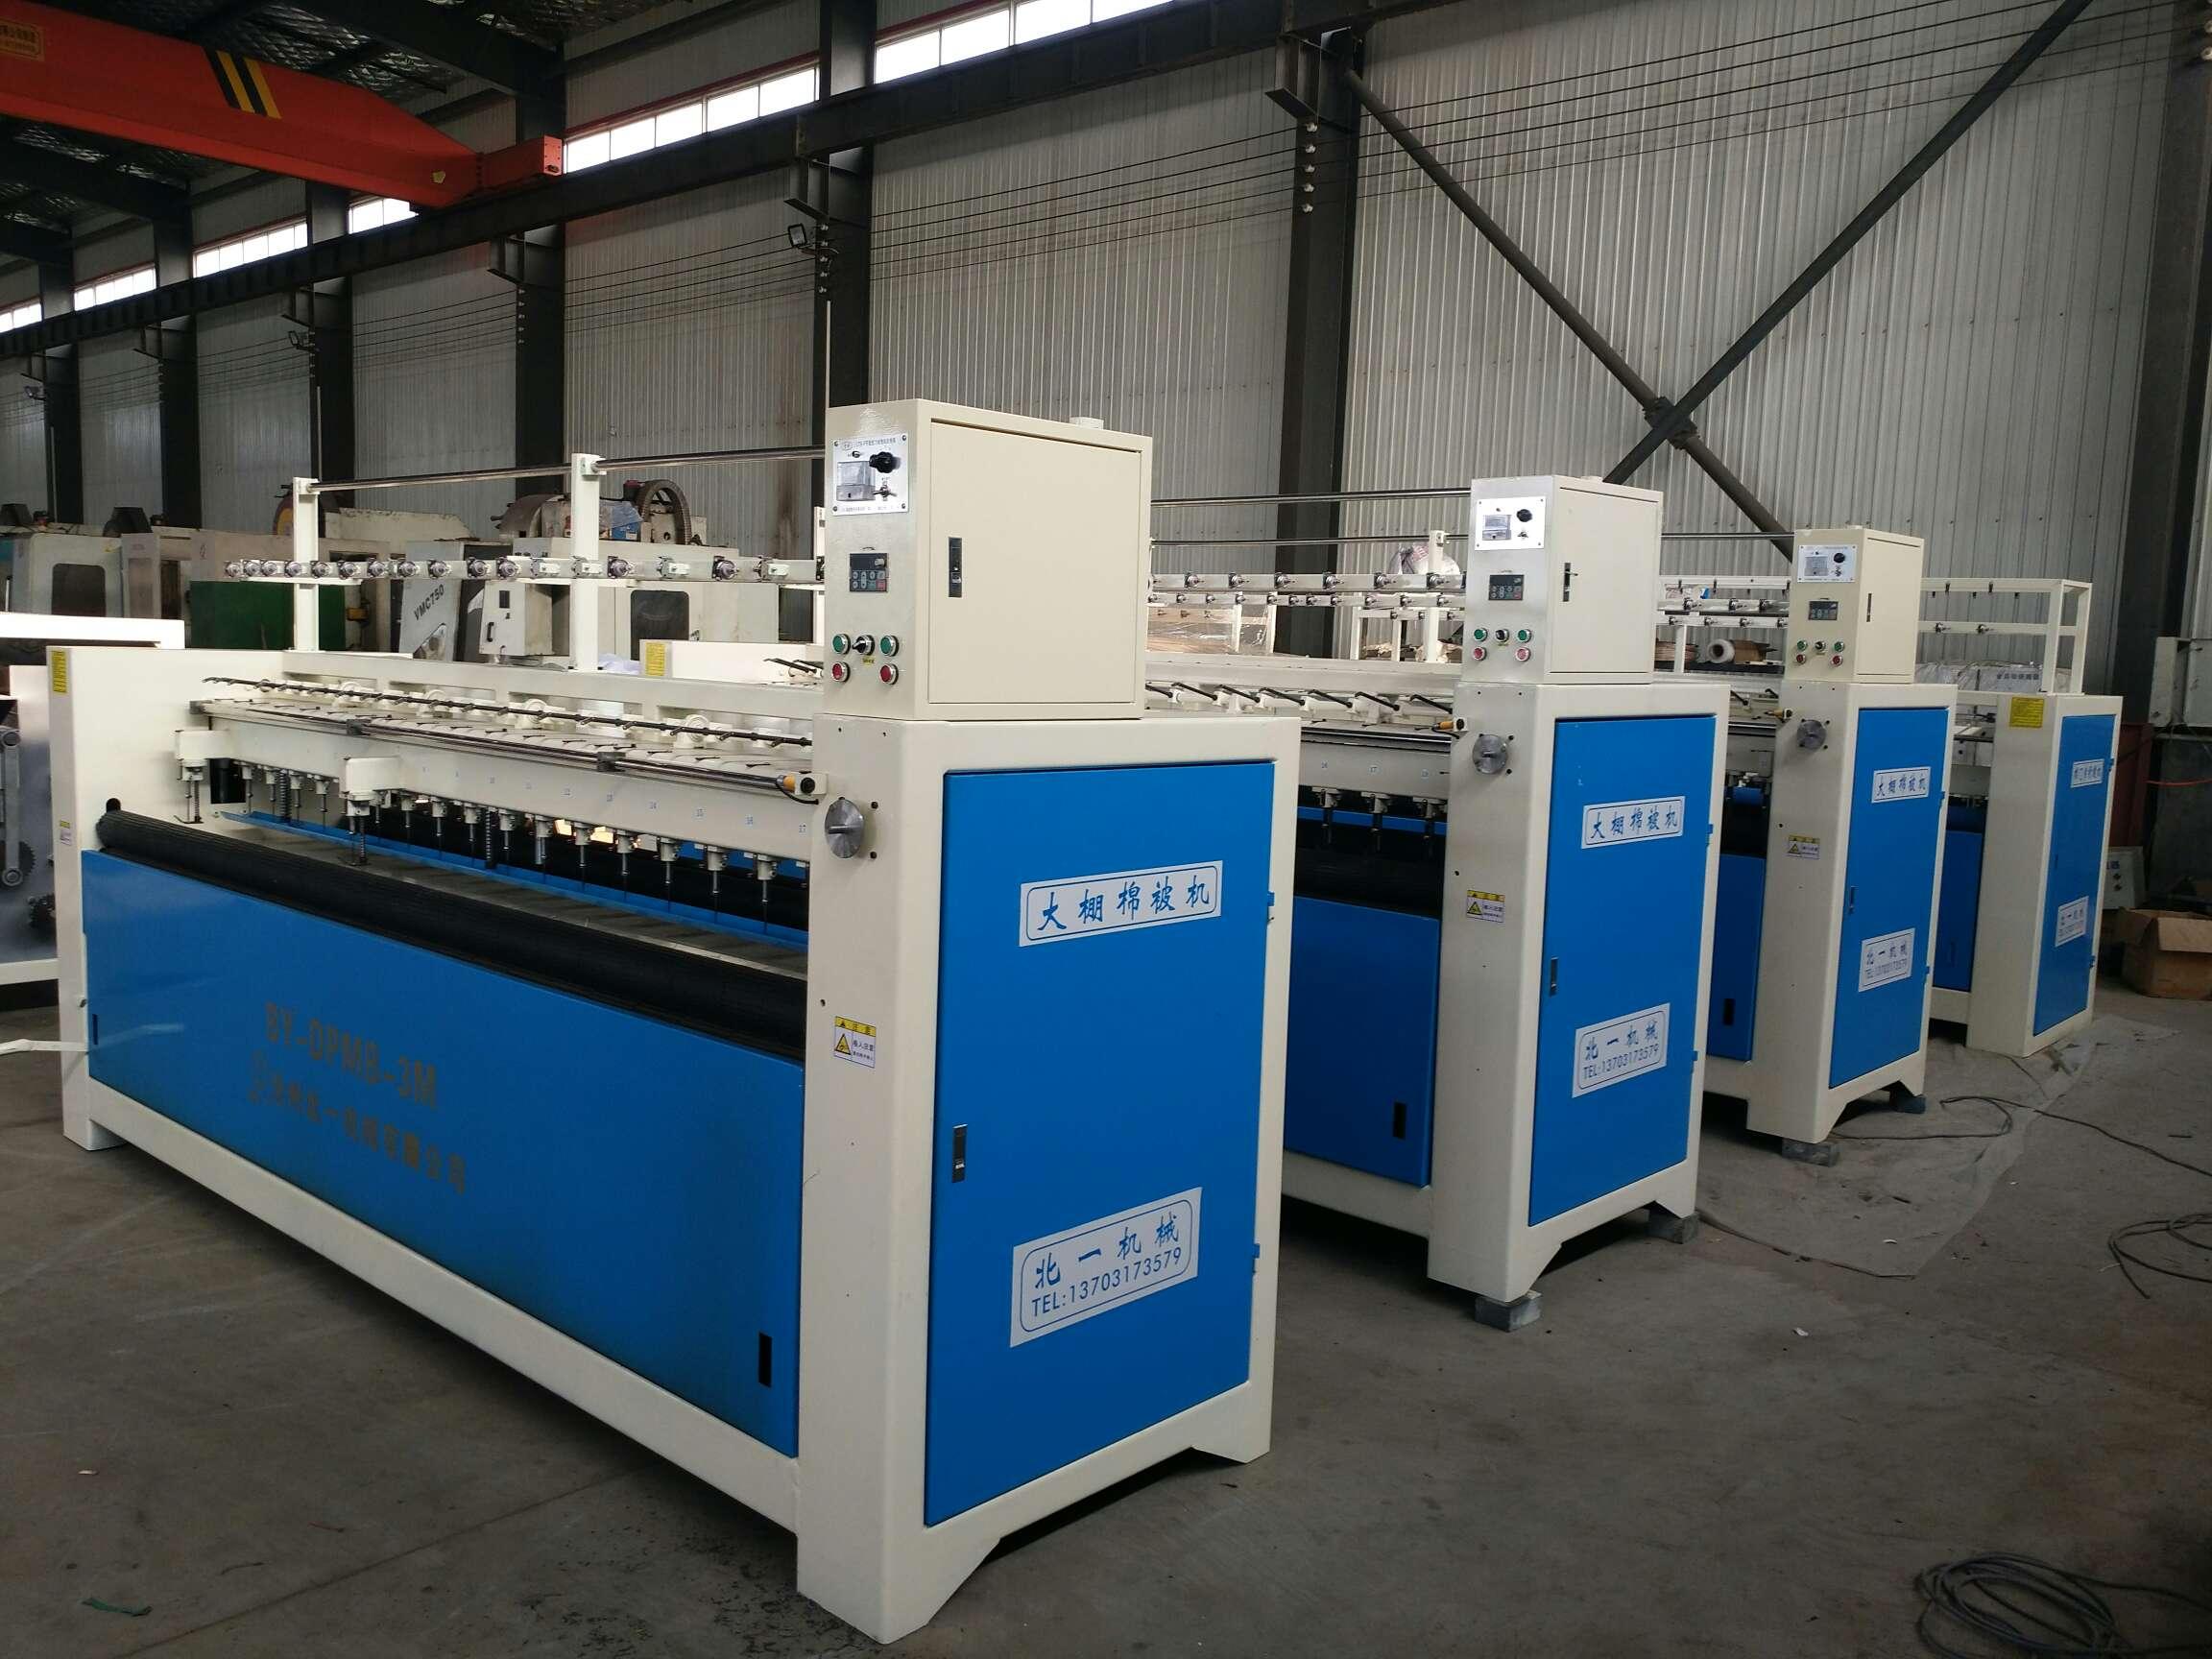 大棚棉被机器